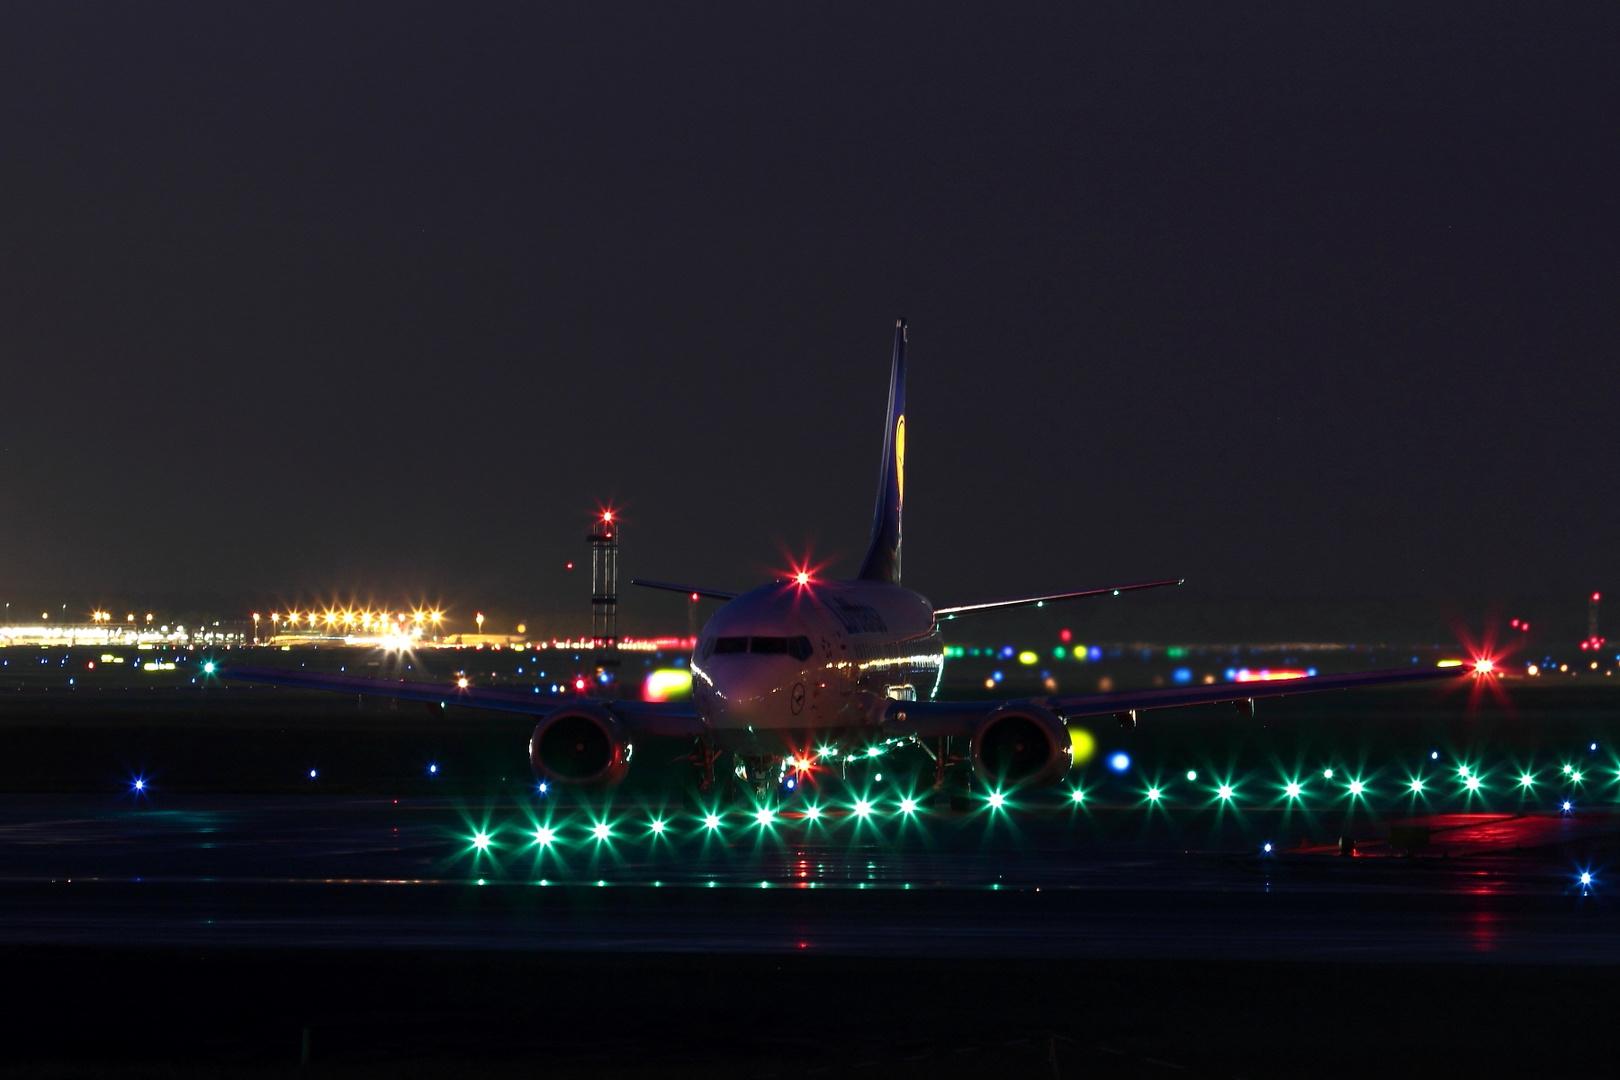 Nightshot LH 737